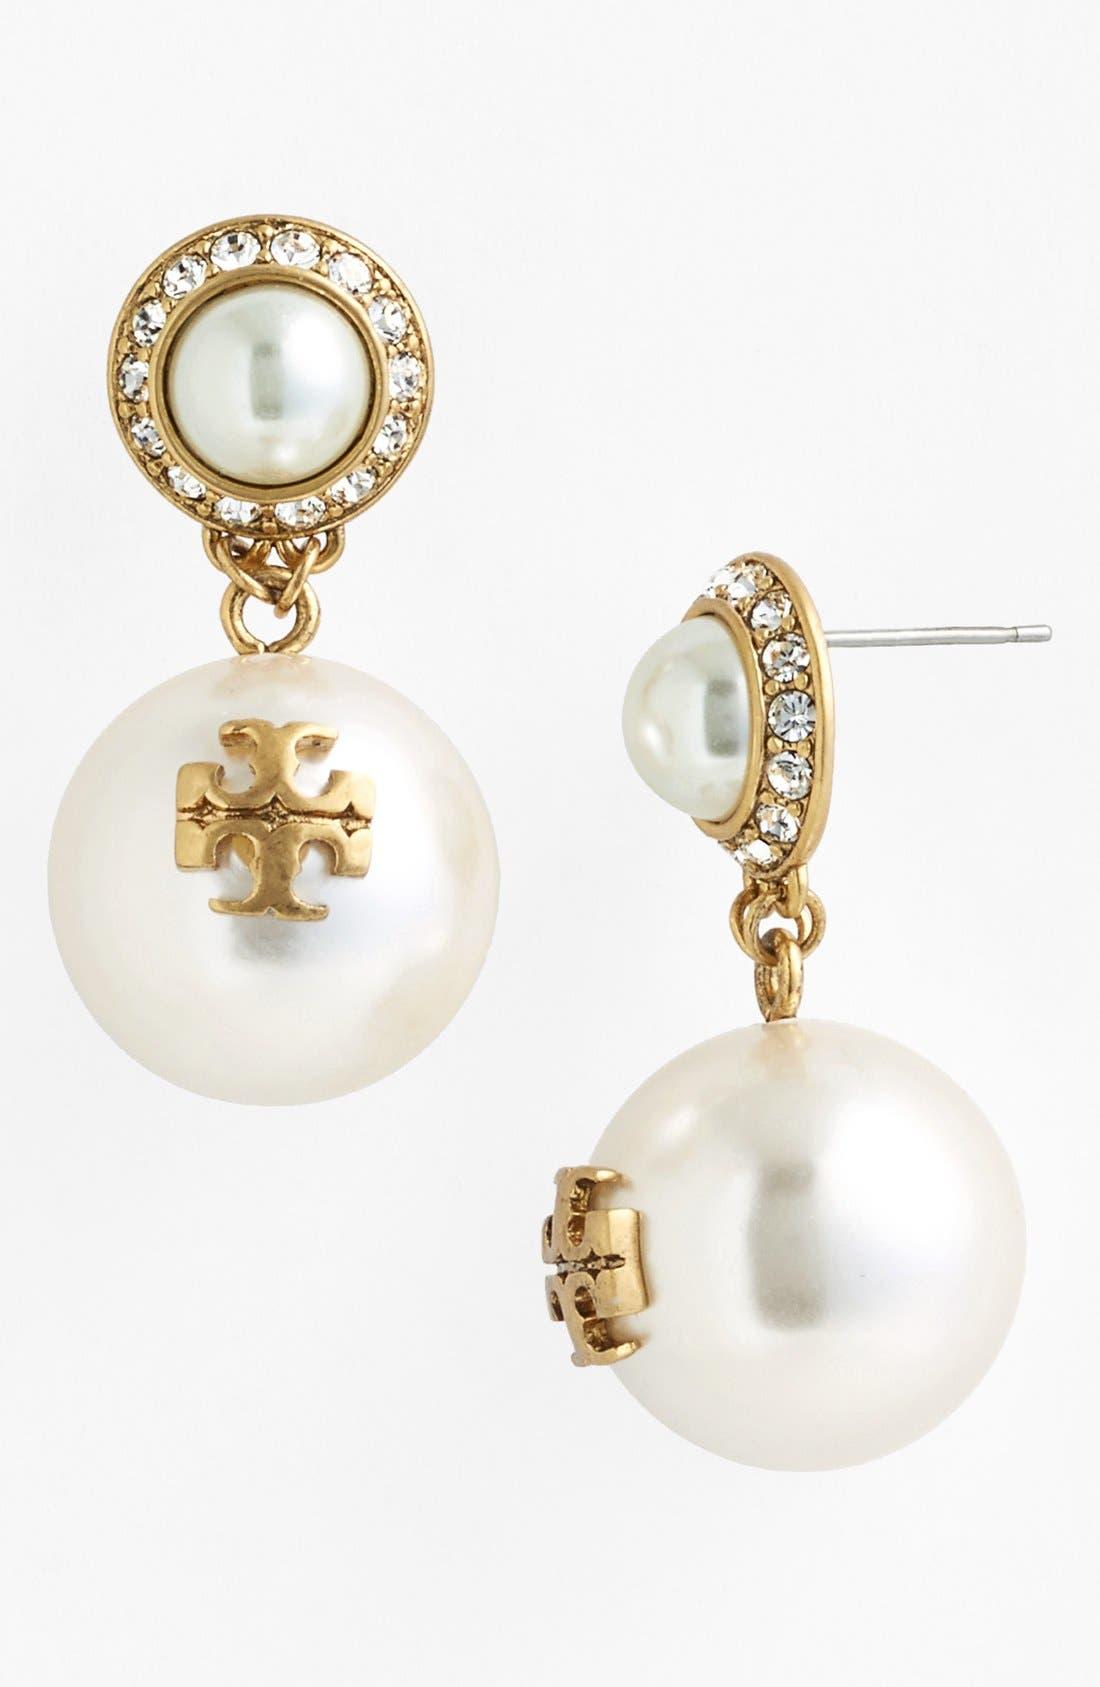 Main Image - Tory Burch 'Selma' Faux Pearl Drop Earrings